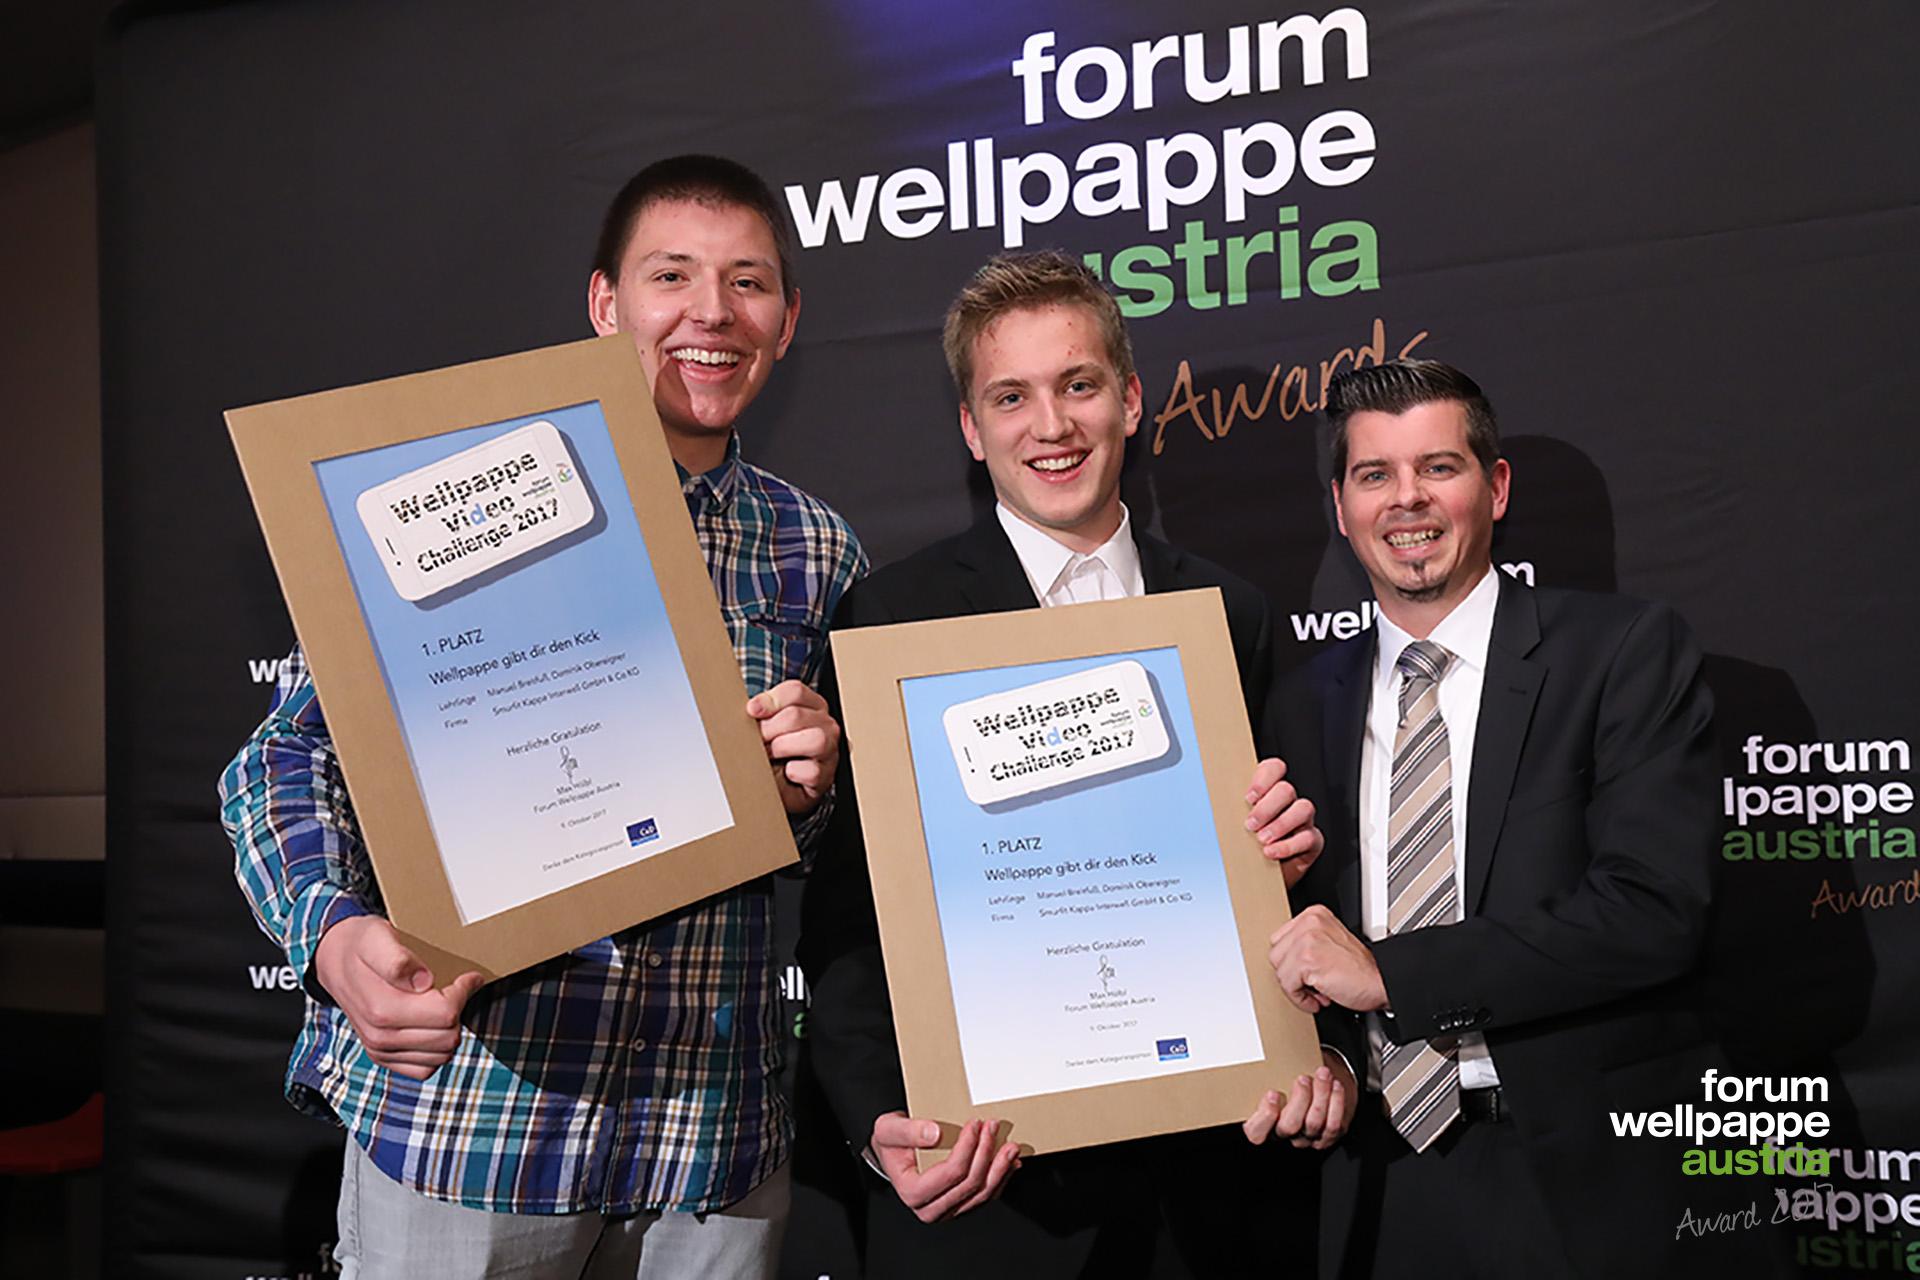 Wellpappe Award 2017 Gewinner Videochallenge M. Breitfuss D. Obereigner Smurfit Kappa Interwell © L. Schedl